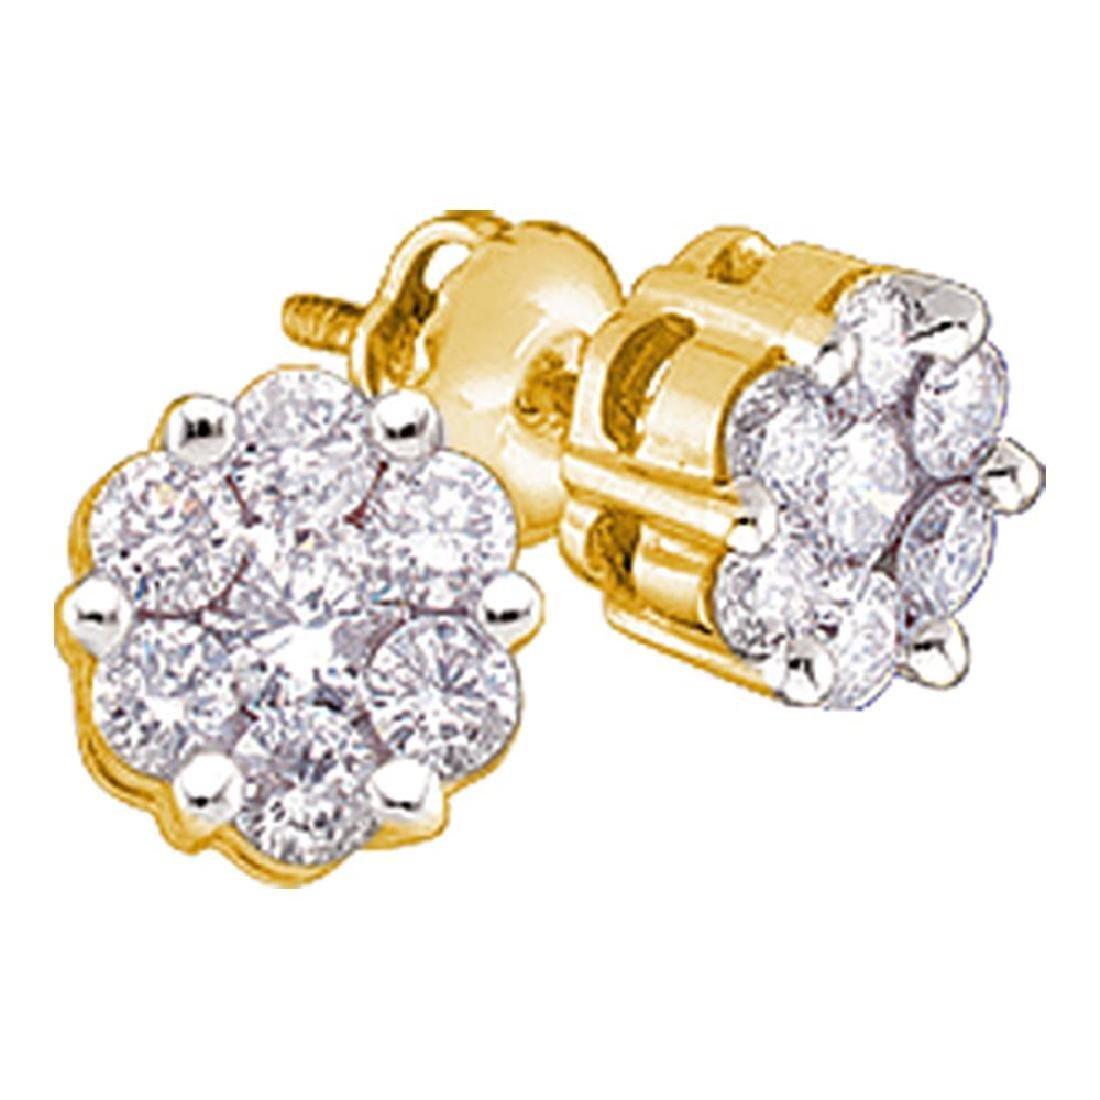 1 CTW Diamond Flower Screwback Stud Earrings 14KT